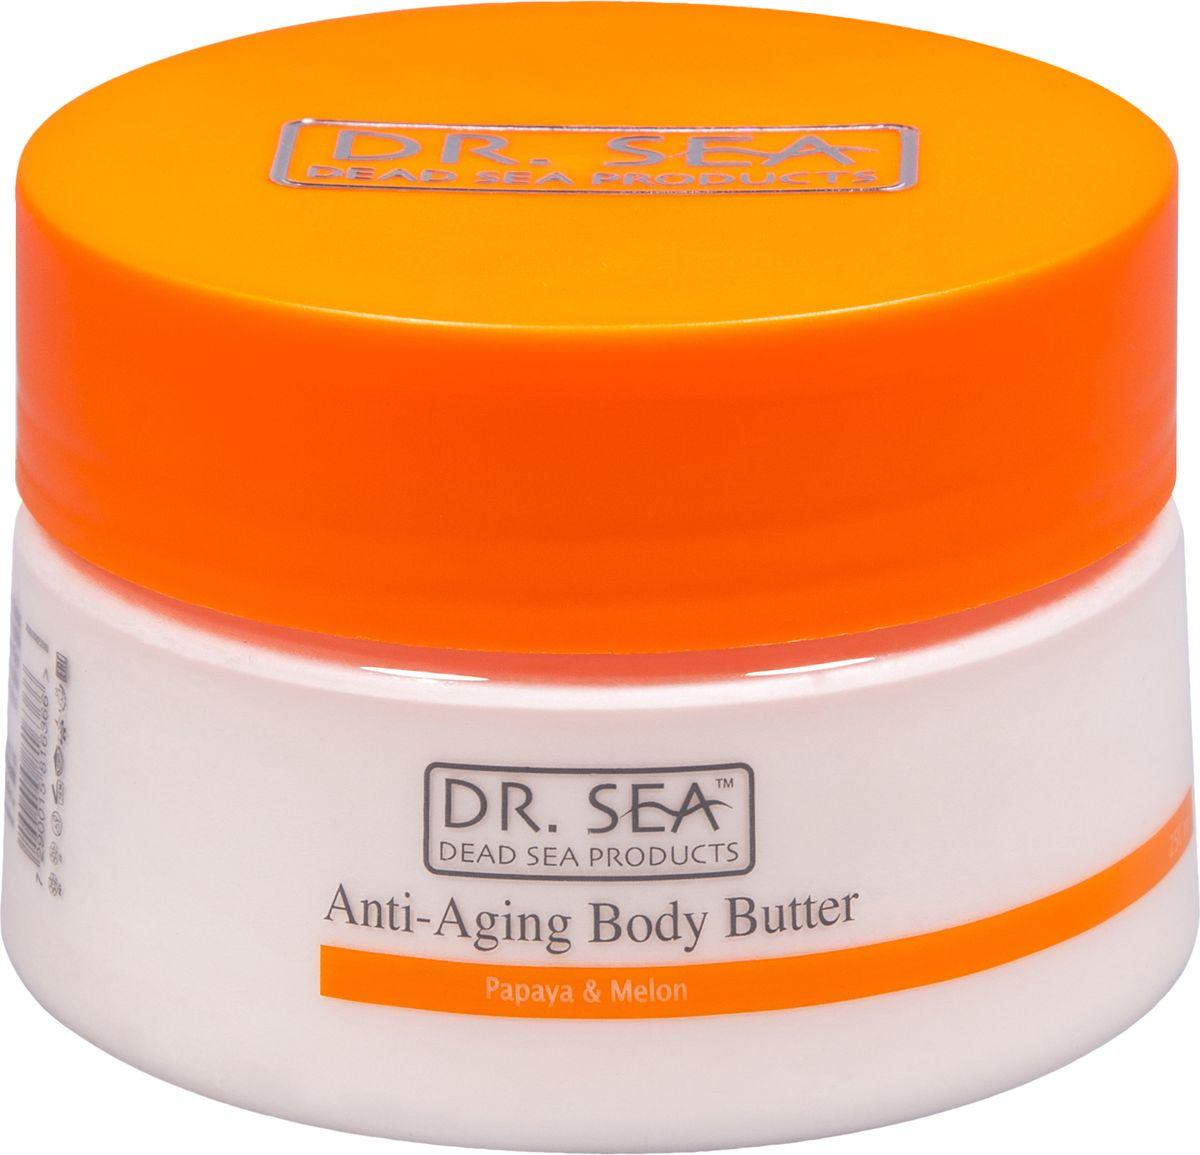 Dr.Sea Масло для тела против старения-папайя и дыня, 250 мл226Ежедневное применение масла для тела Dr. Sea позволяет коже эффективно противостоять процессу старения, повышает ее эластичность и упругость. Содержит минералы Мертвого моря, натуральные эфирные и растительные масла, а также витамины C и E, жирные кислоты омега-3 и омега-6. Способствует предотвращению растяжек, рекомендуется к применению в период диеты или беременности.Способ применения: после каждого принятия ванны или душа наносите на кожу массирующими движениями и втирайте до полного впитывания.Основу косметики Dr. Sea составляют минералы, грязи и органические вытяжки Мертвого моря, а также натуральные растительные экстракты. Косметические средства Dr. Sea разрабатываются и производятся исключительно на территории Израиля в новейших технологических условиях, позволяющих максимально раскрыть и сохранить целебные свойства природных компонентов. Ни в одном из препаратов не содержится парааминобензойная кислота (так называемый парабен), а в составе шампуней и гелей для душа не используется Sodium Lauryl Sulfate. Уникальность минеральной косметики Dr. Sea состоит в том, что все компоненты, входящие в рецептуру, натуральные. Сочетание минералов, грязи, соли и других натуральных составляющих, усиливают целебное действие и не дают побочных эффектов. Характеристики:Объем: 250 мл. Производитель: Израиль. Товар сертифицирован.